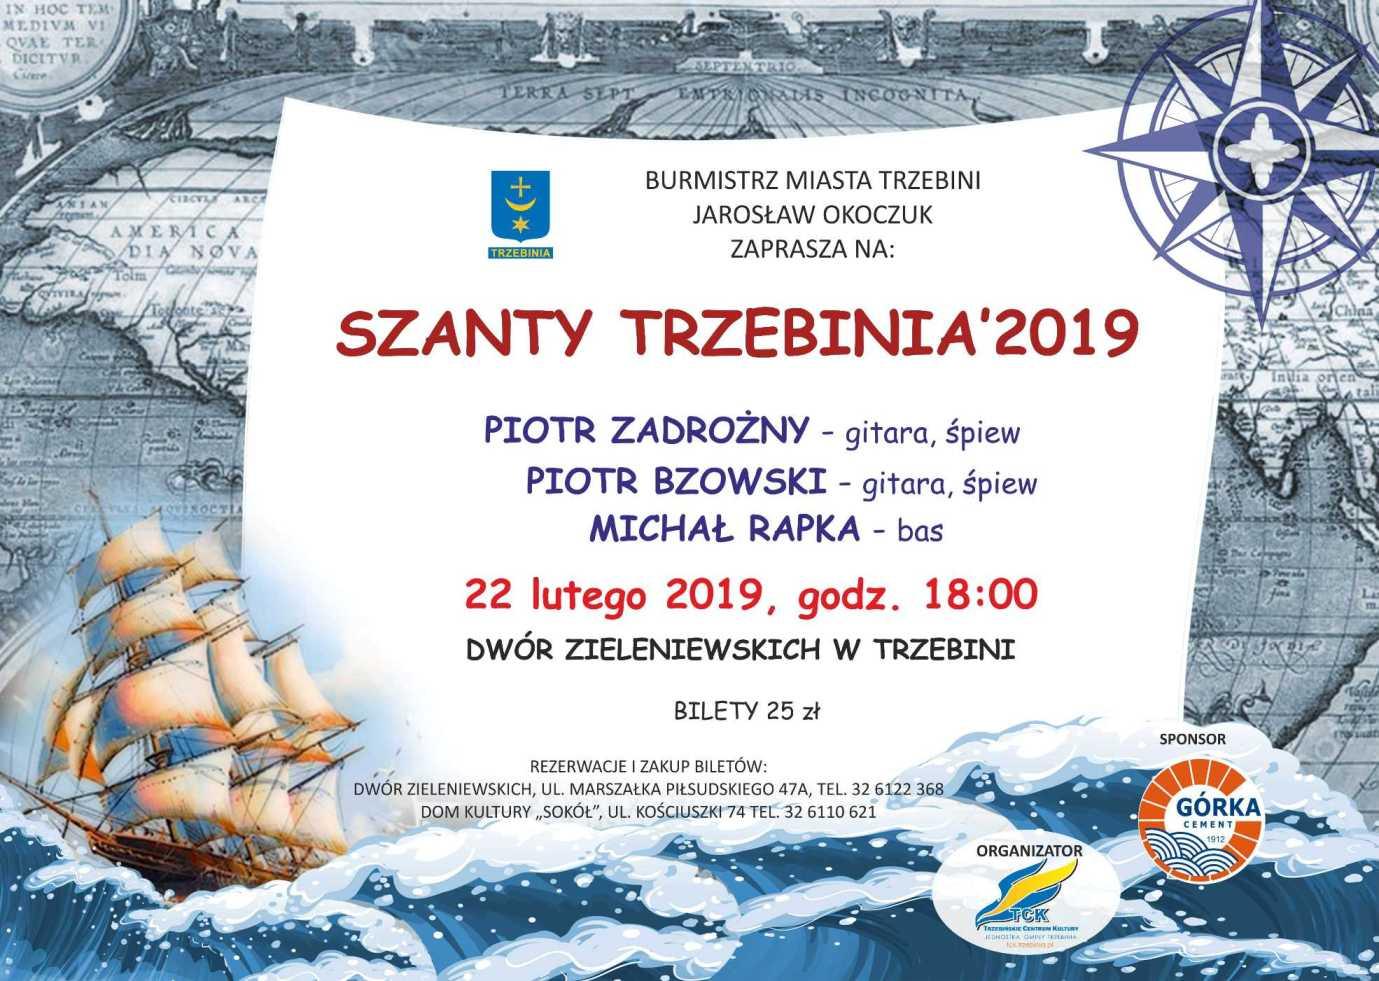 Szanty Trzebinia 2019